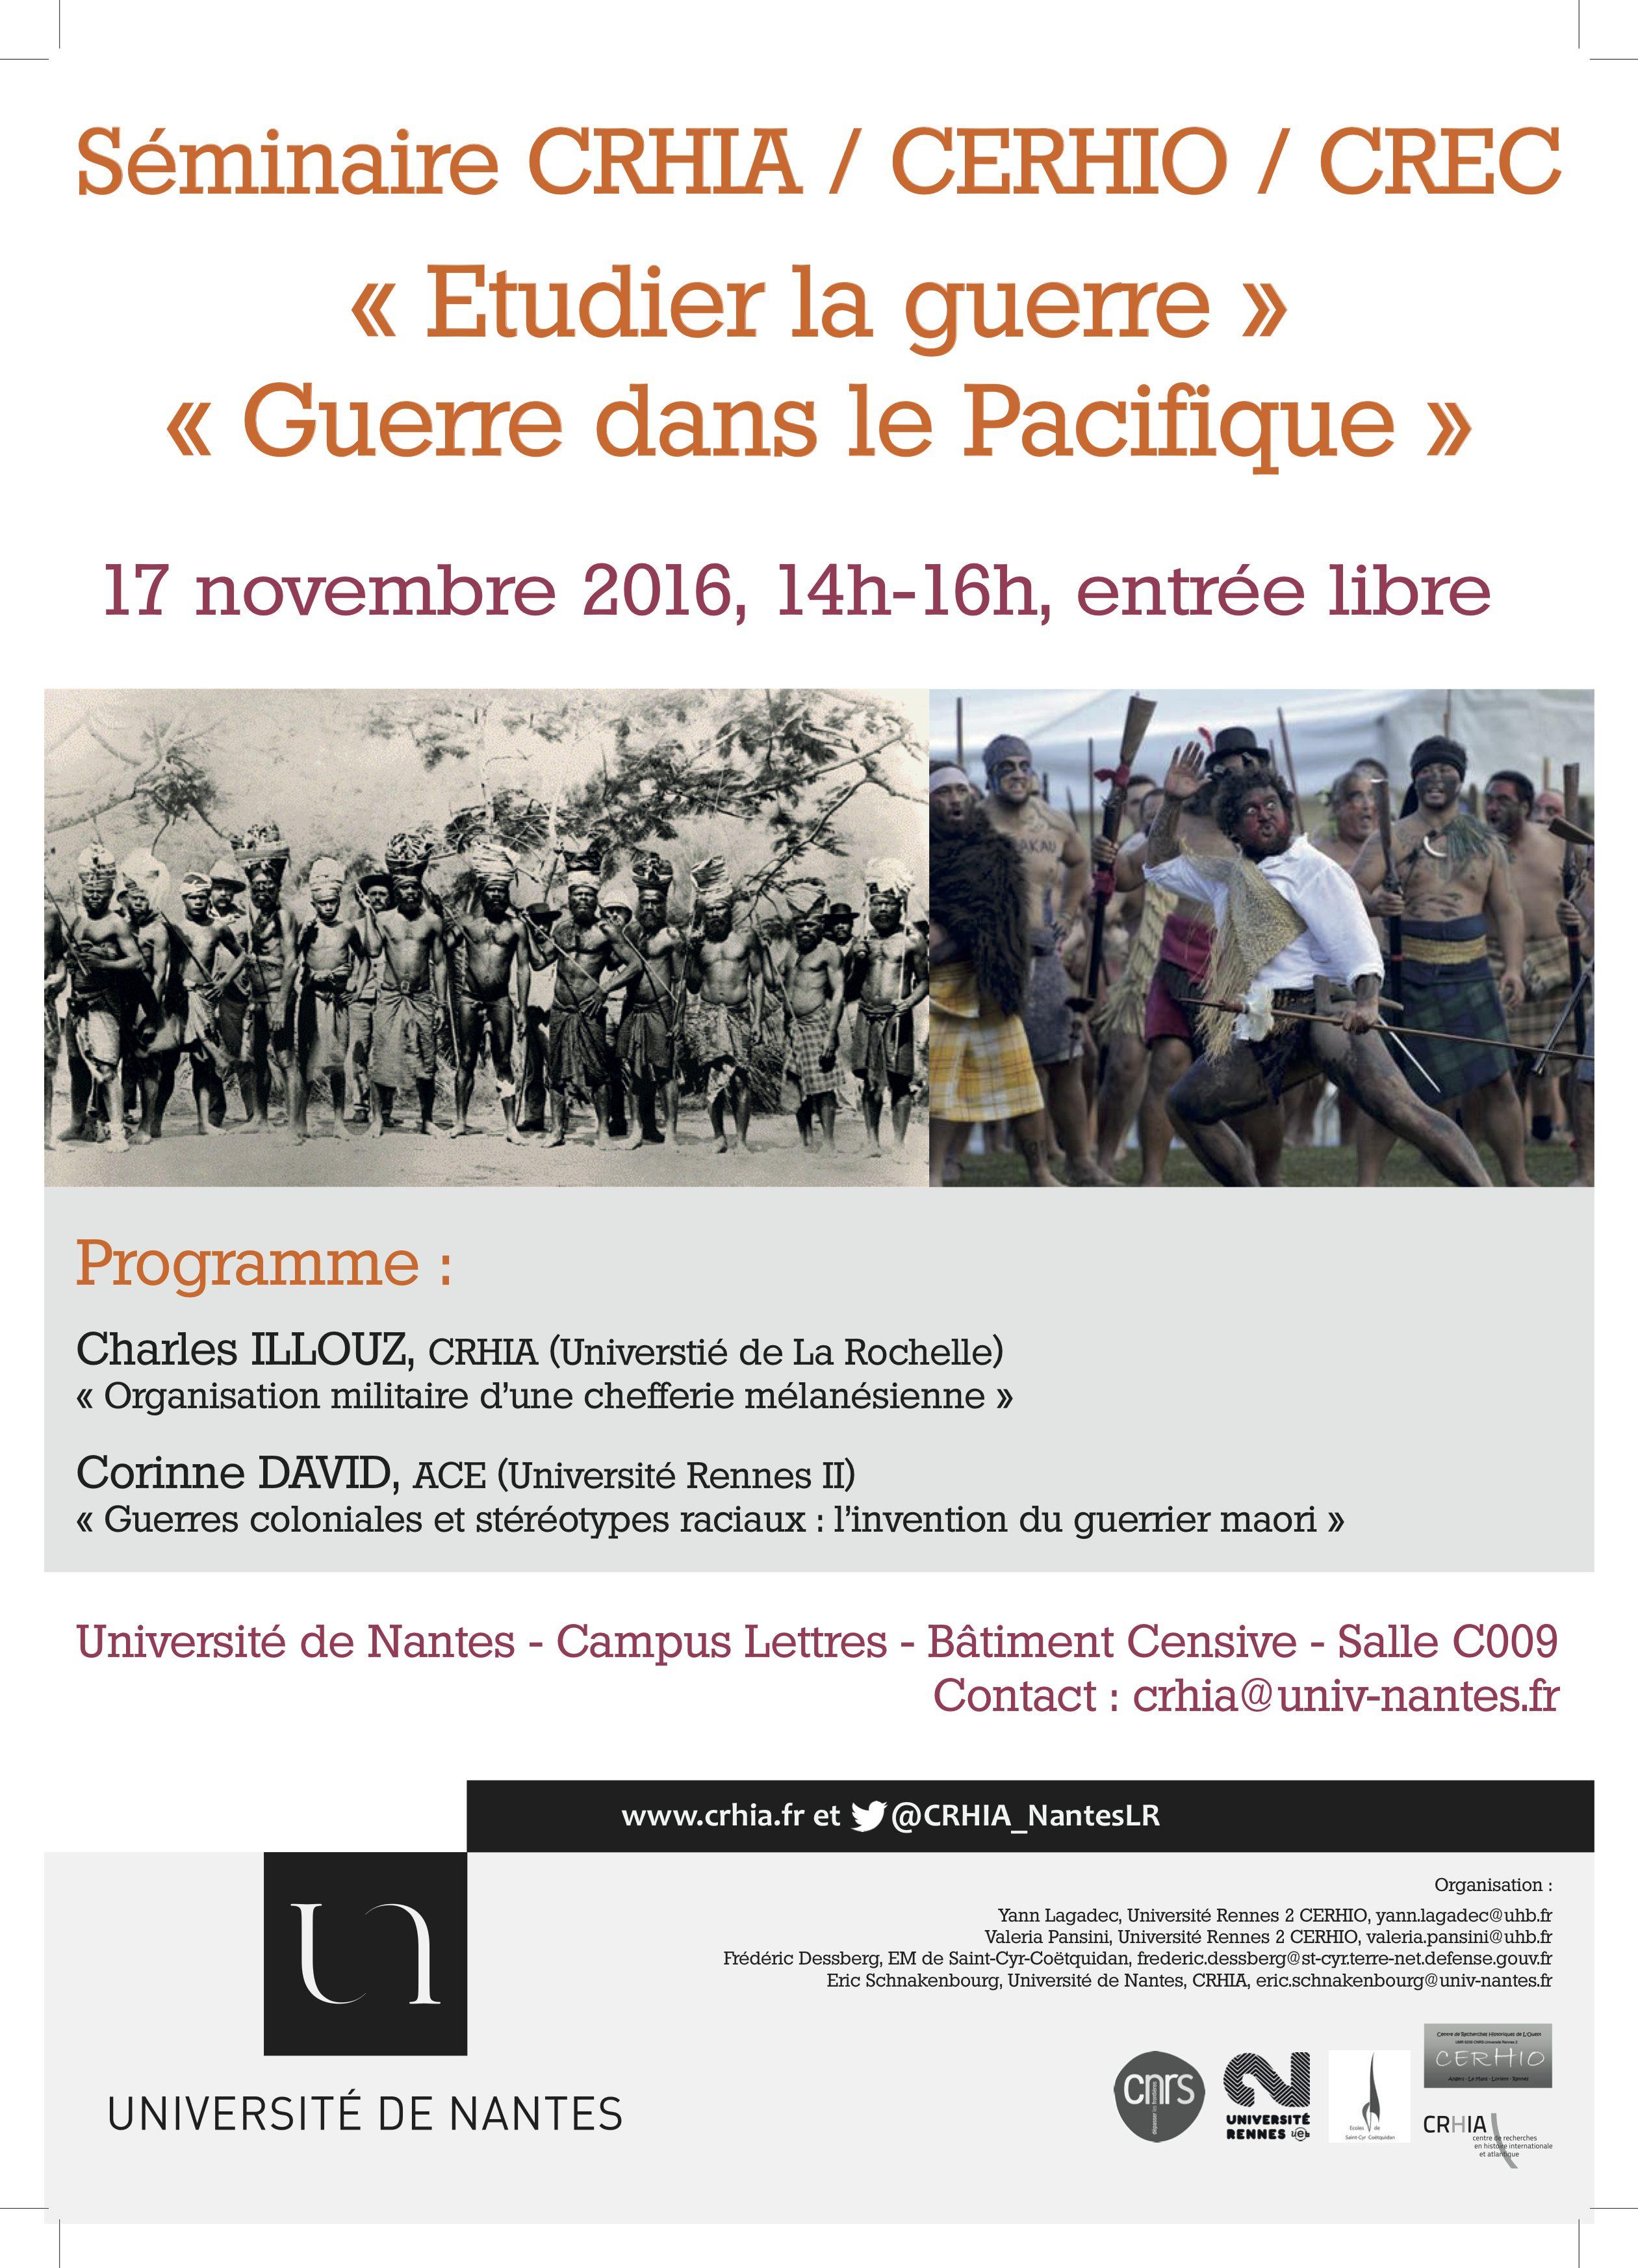 affiche-guerre-pacifique-nantes-17-octobre